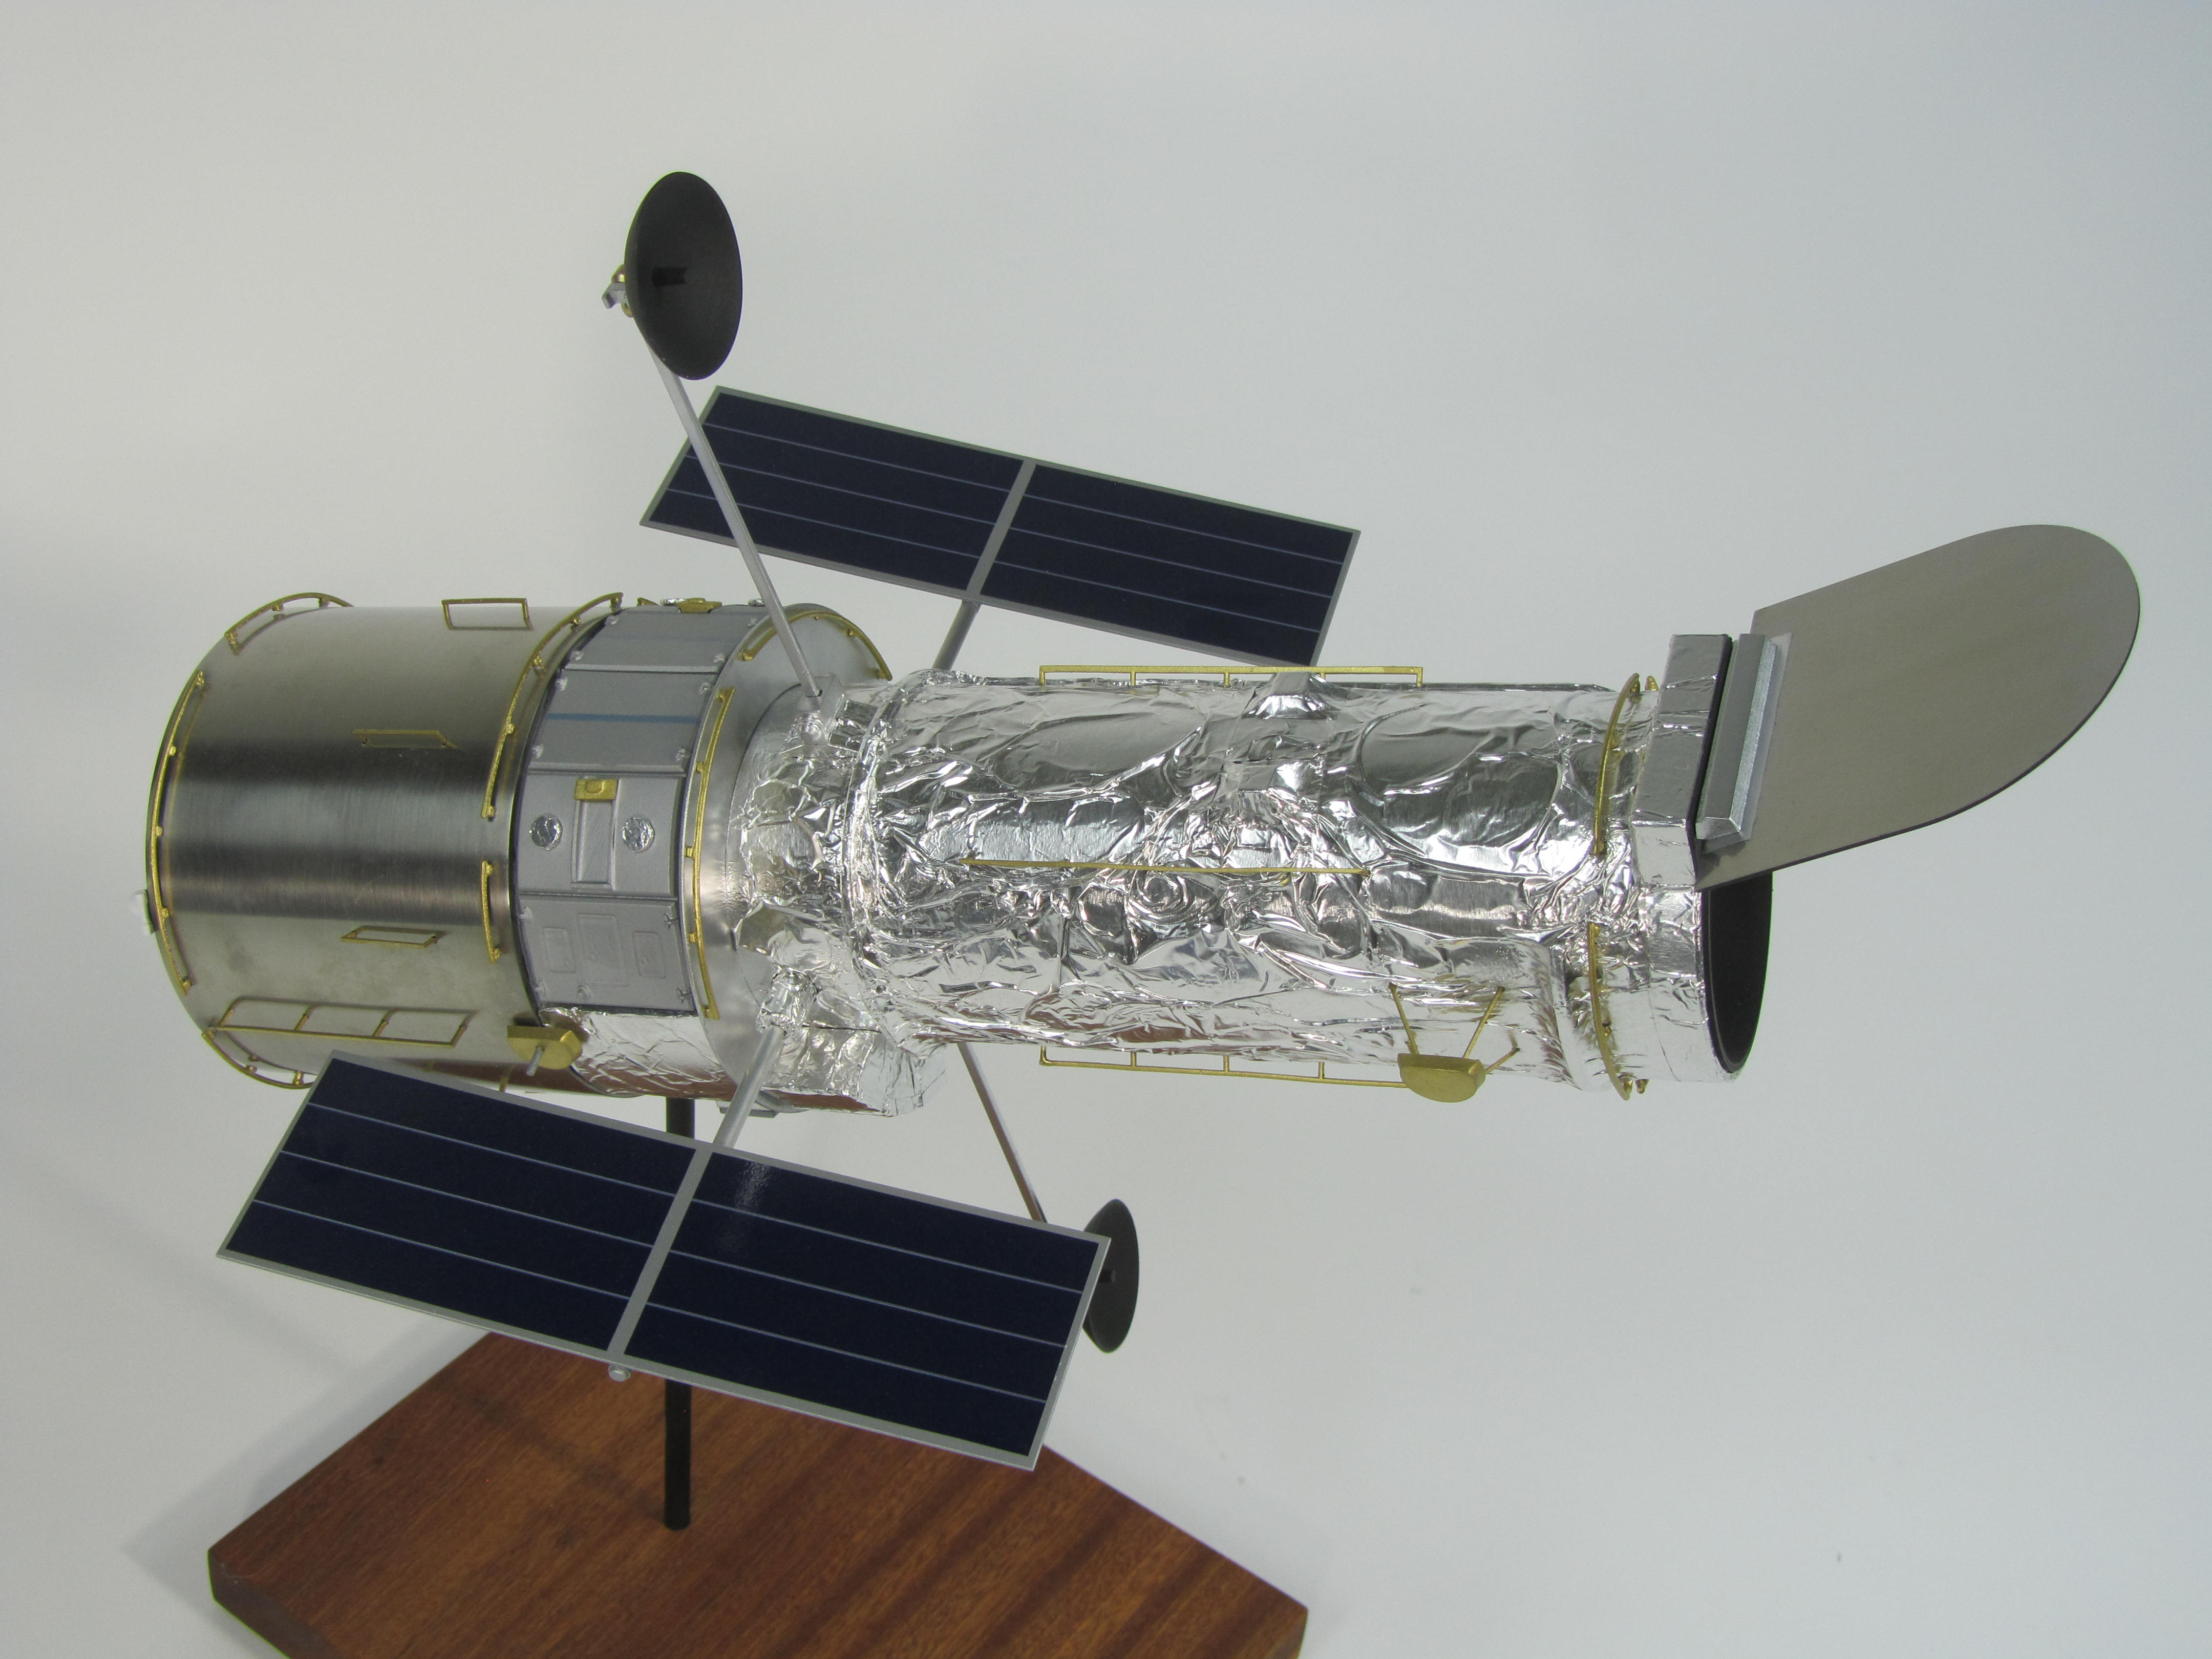 pennwalt model hubble space telescope - photo #17